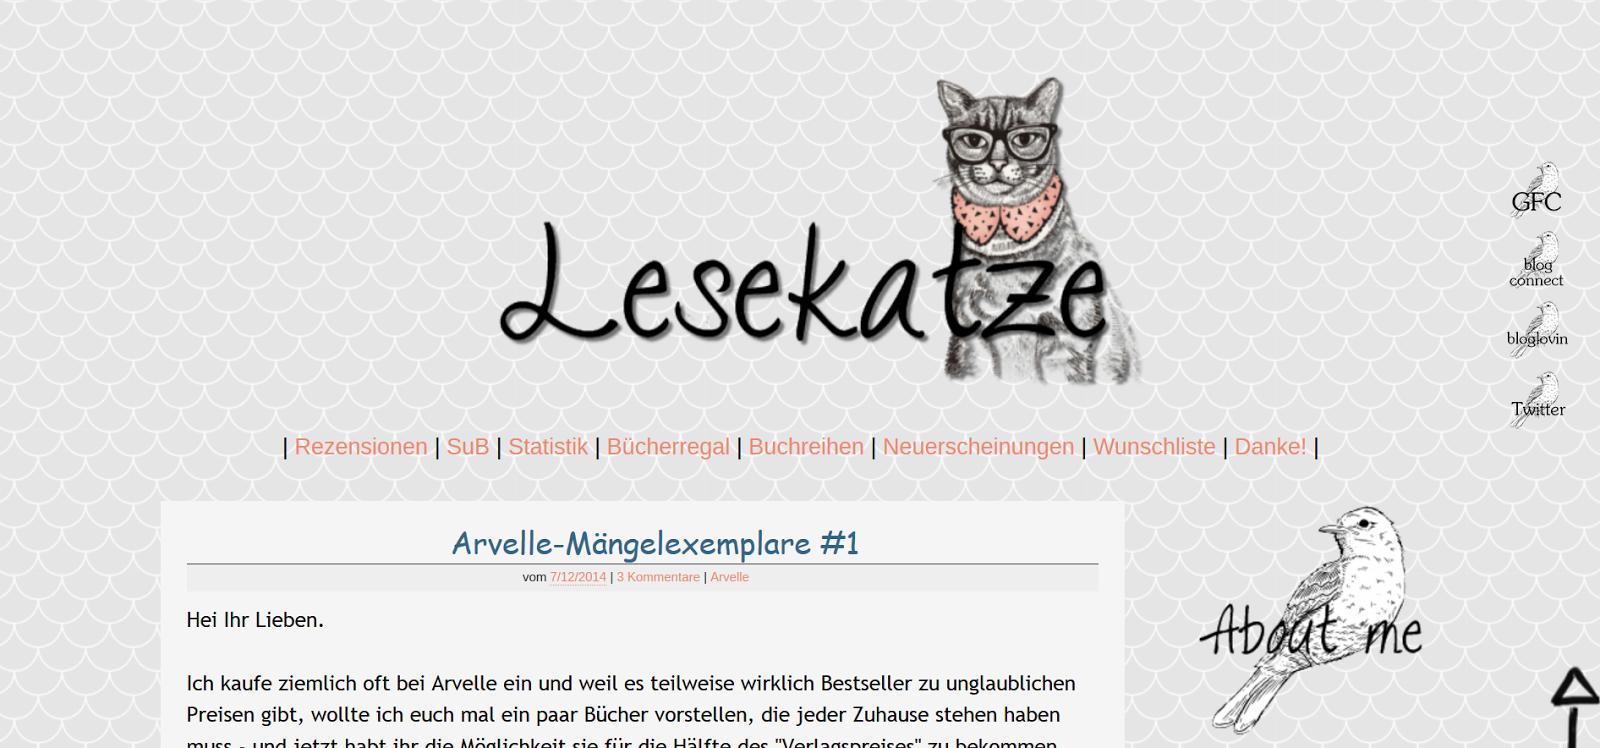 http://lesekatzenm.blogspot.de/